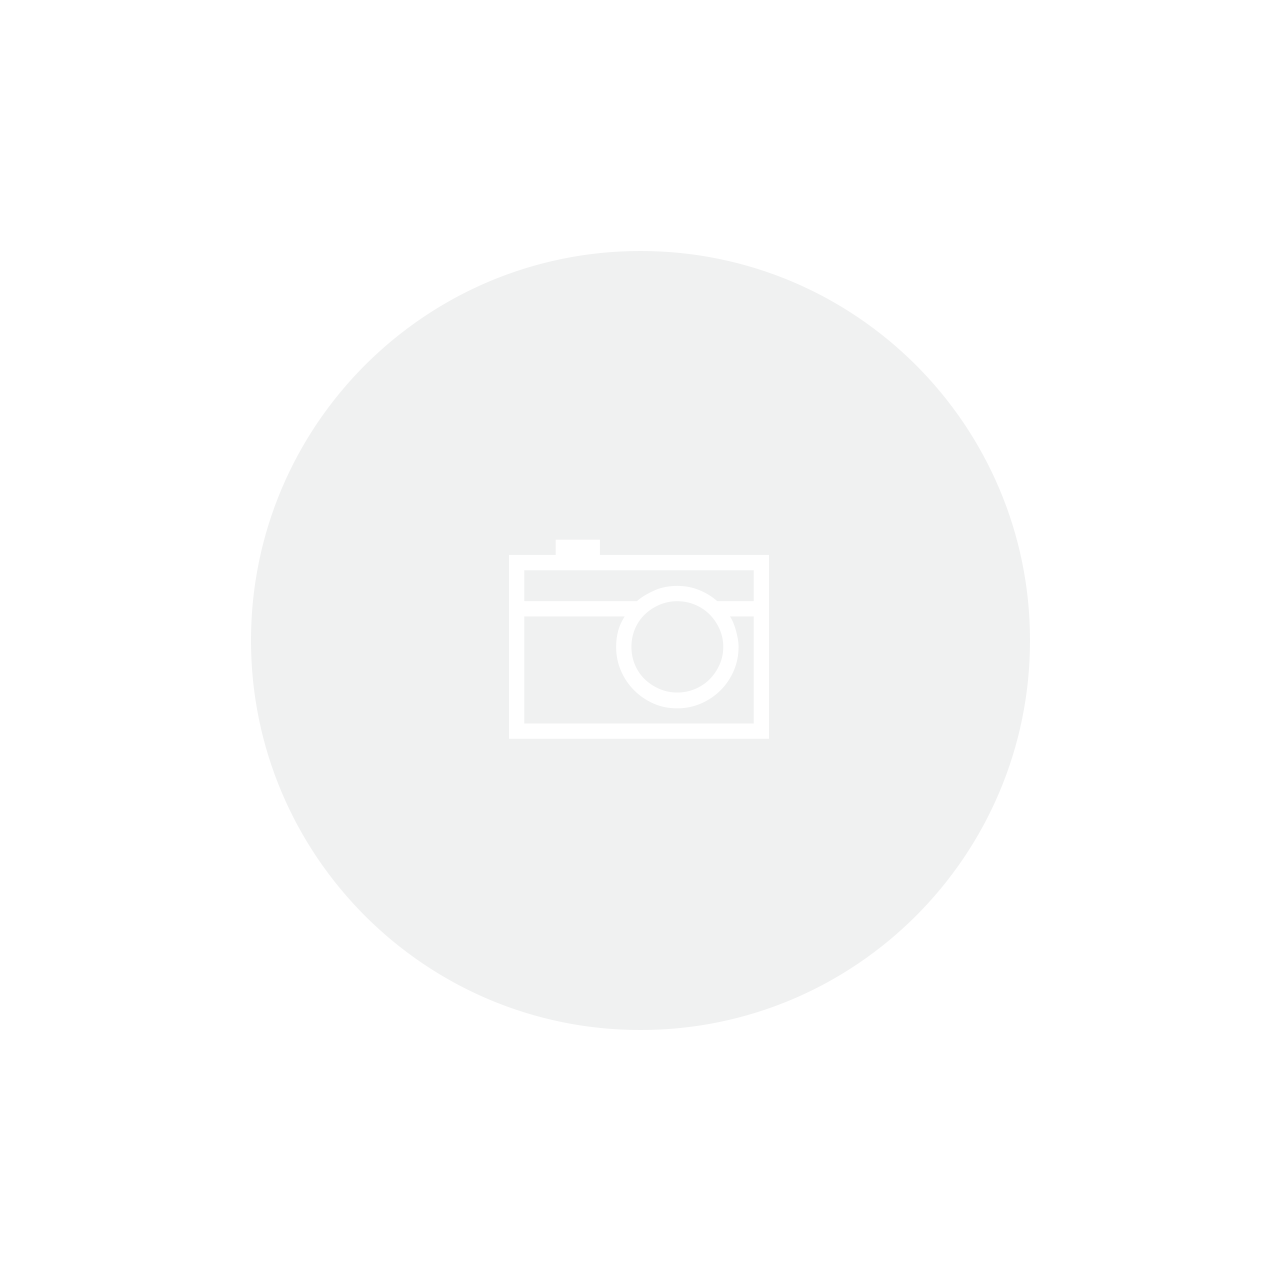 CADEIRINHA THULE TRAS. RIDE ALONG 3 S CZA ESCURO (100100)